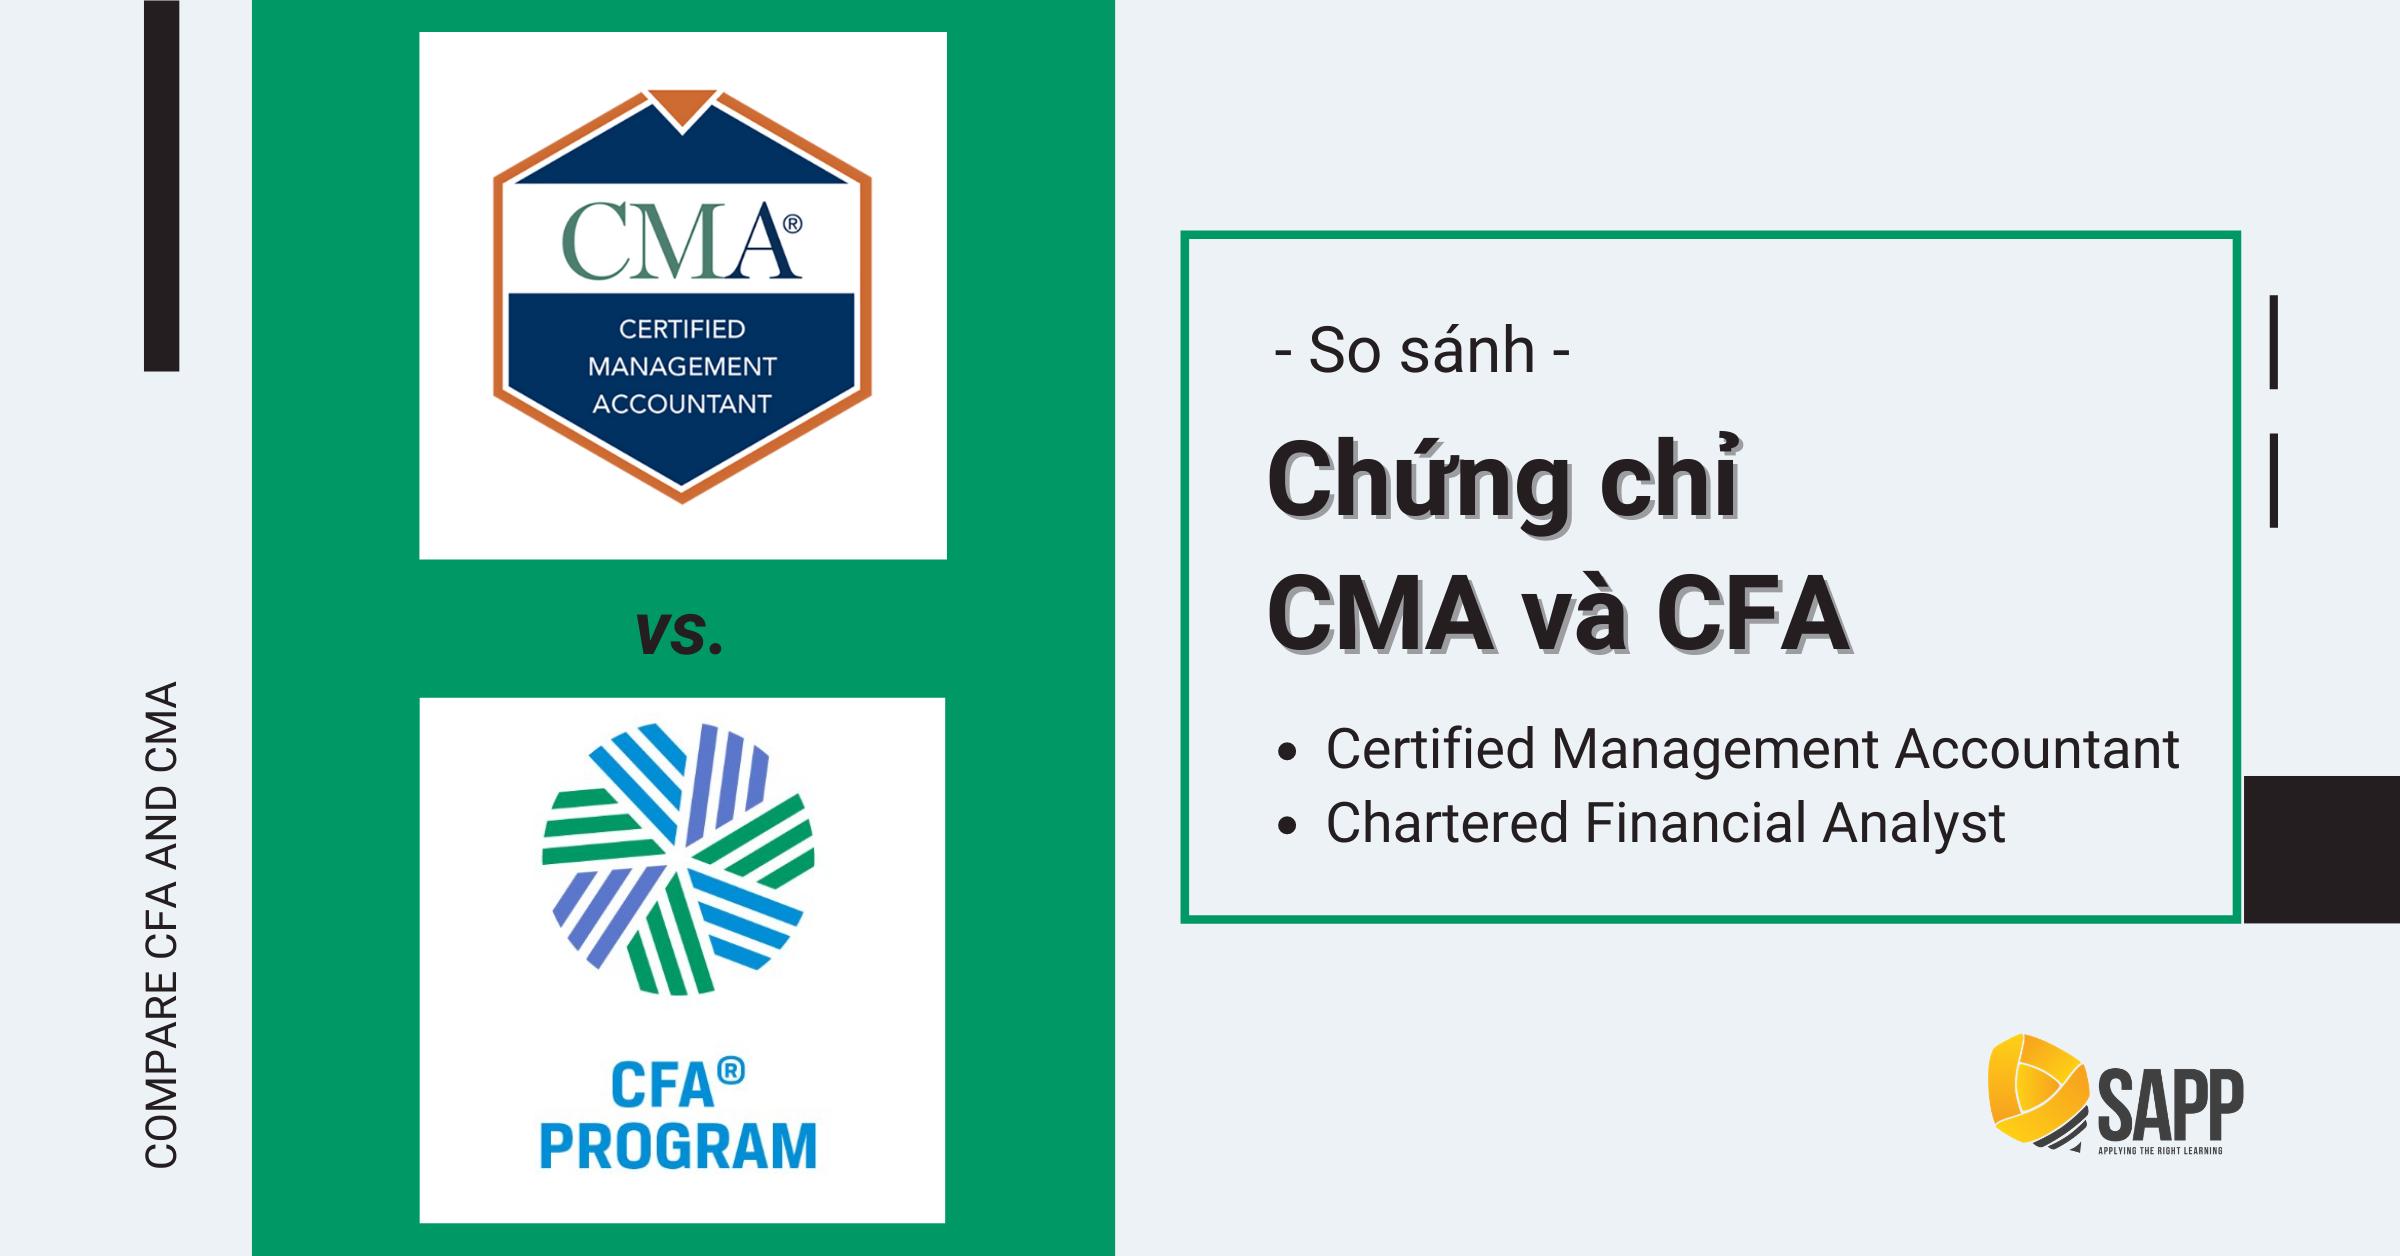 So Sánh CMA Và CFA - Chứng Chỉ Nào Phù Hợp Với Bạn?